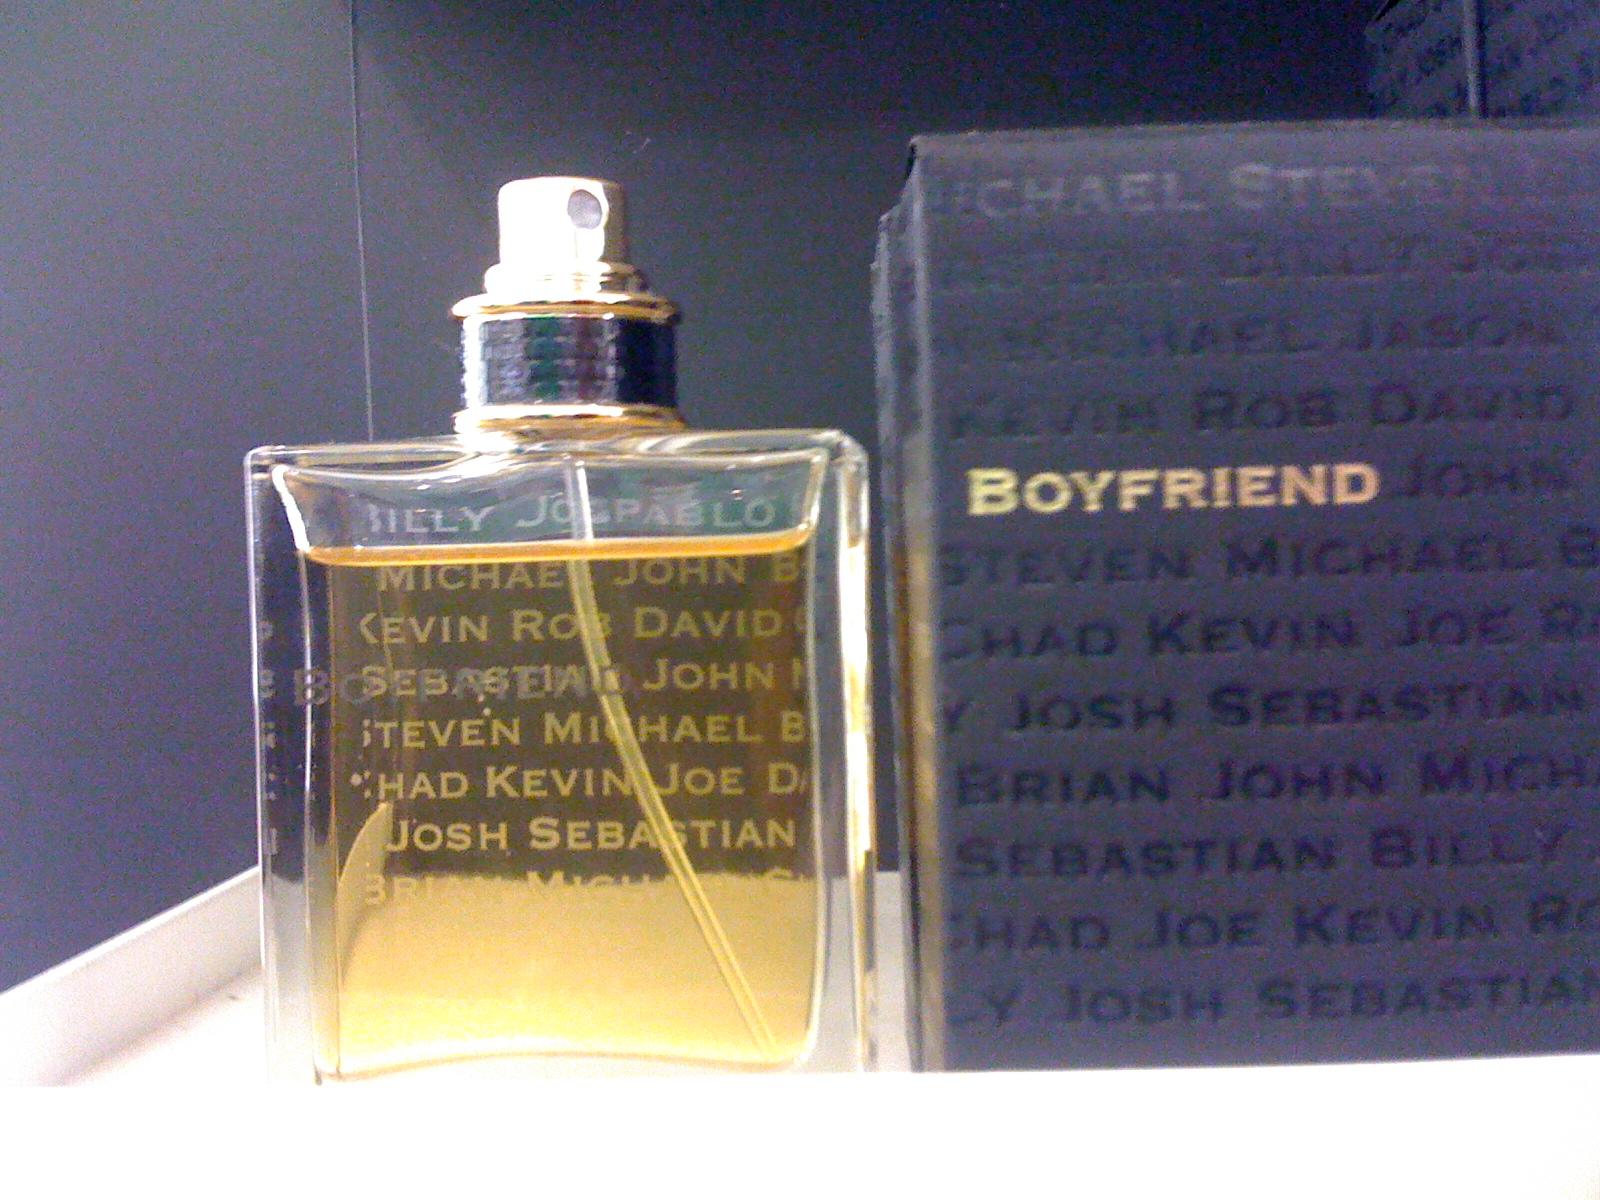 http://4.bp.blogspot.com/-3ZuzrJAfYAA/TZbQz45x4lI/AAAAAAAABbE/2zIPzfHLrKI/s1600/bottle.JPG